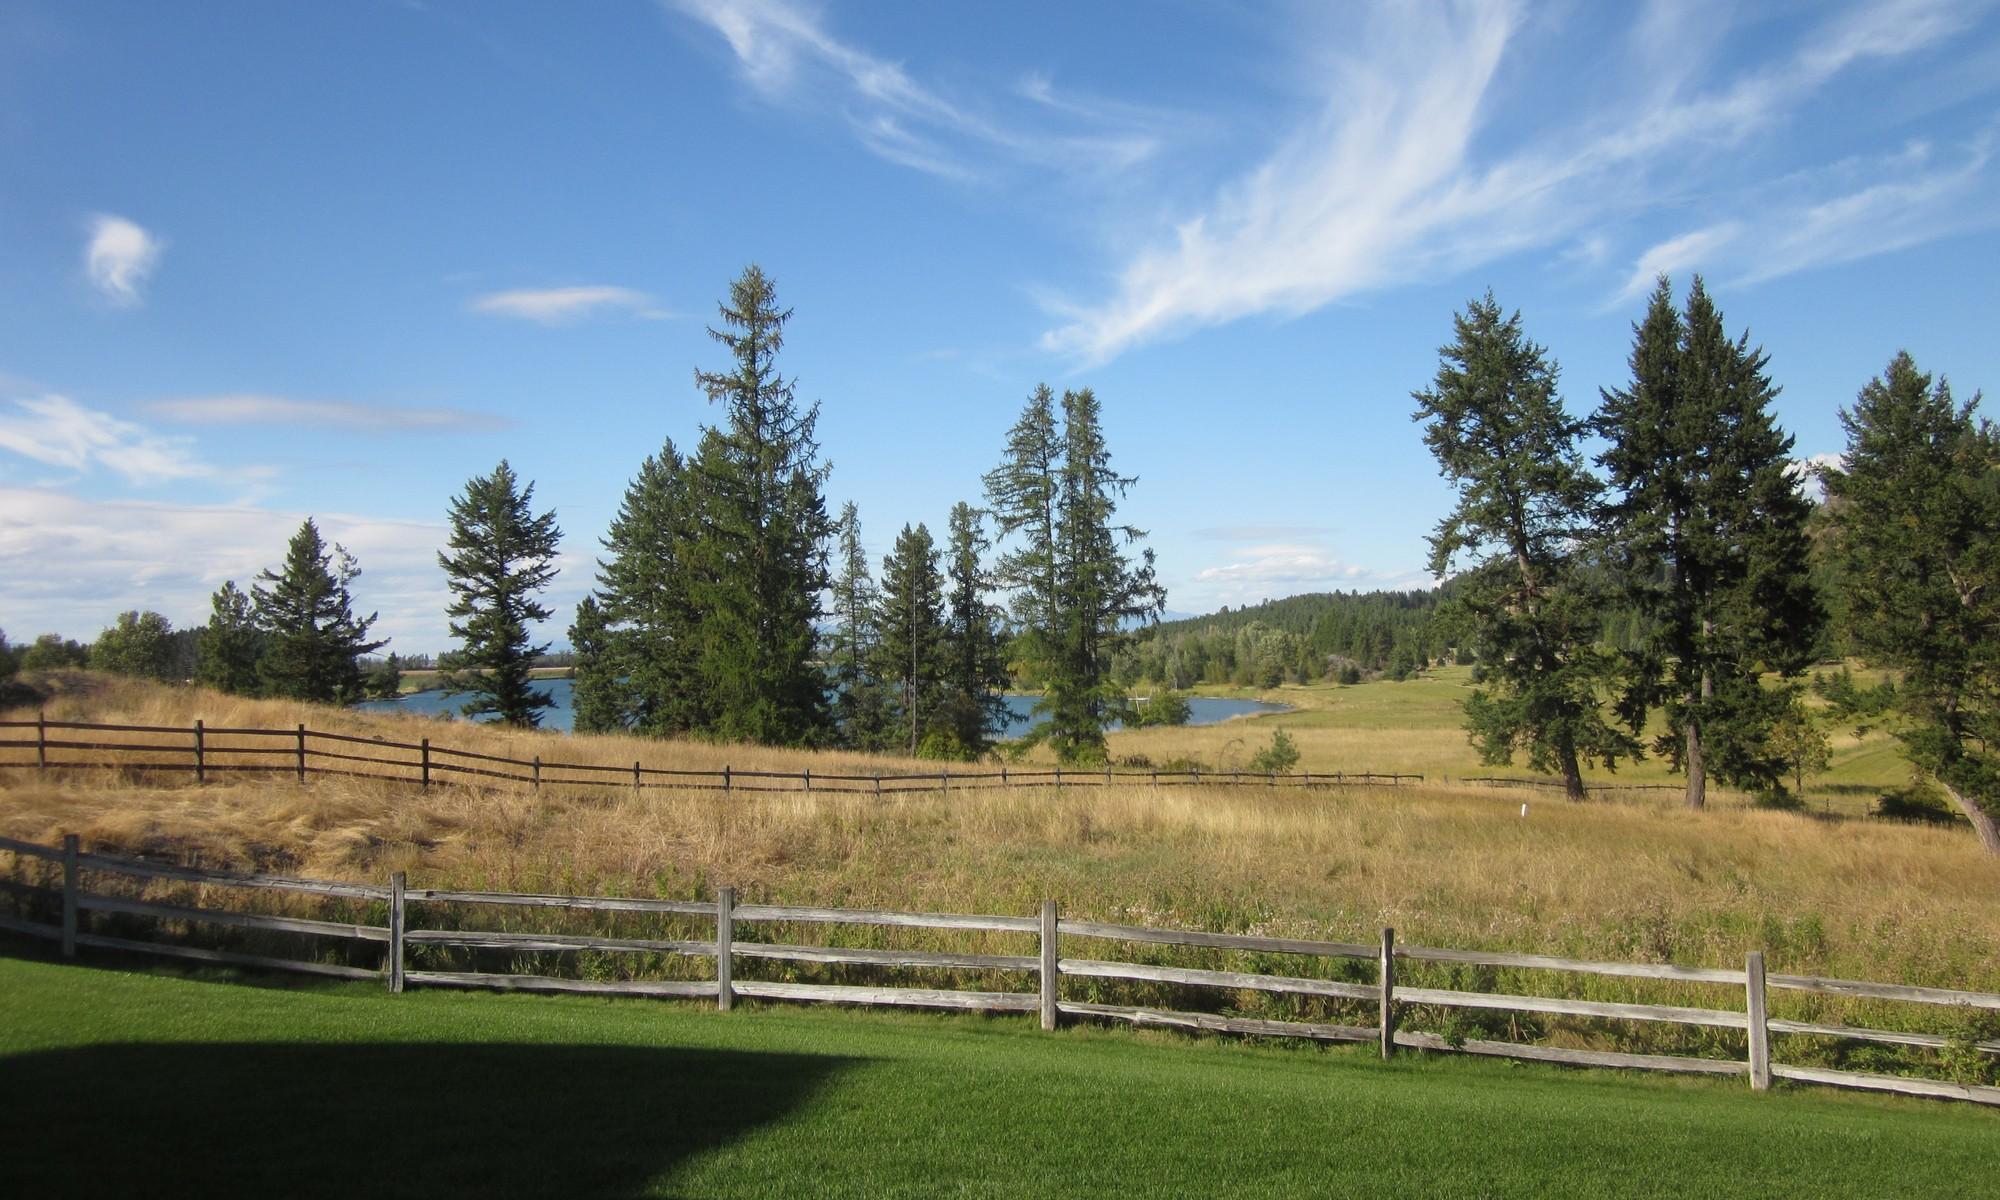 Частный односемейный дом для того Продажа на Flathead River Views 1160 Holt Dr Bigfork, Монтана, 59911 Соединенные Штаты